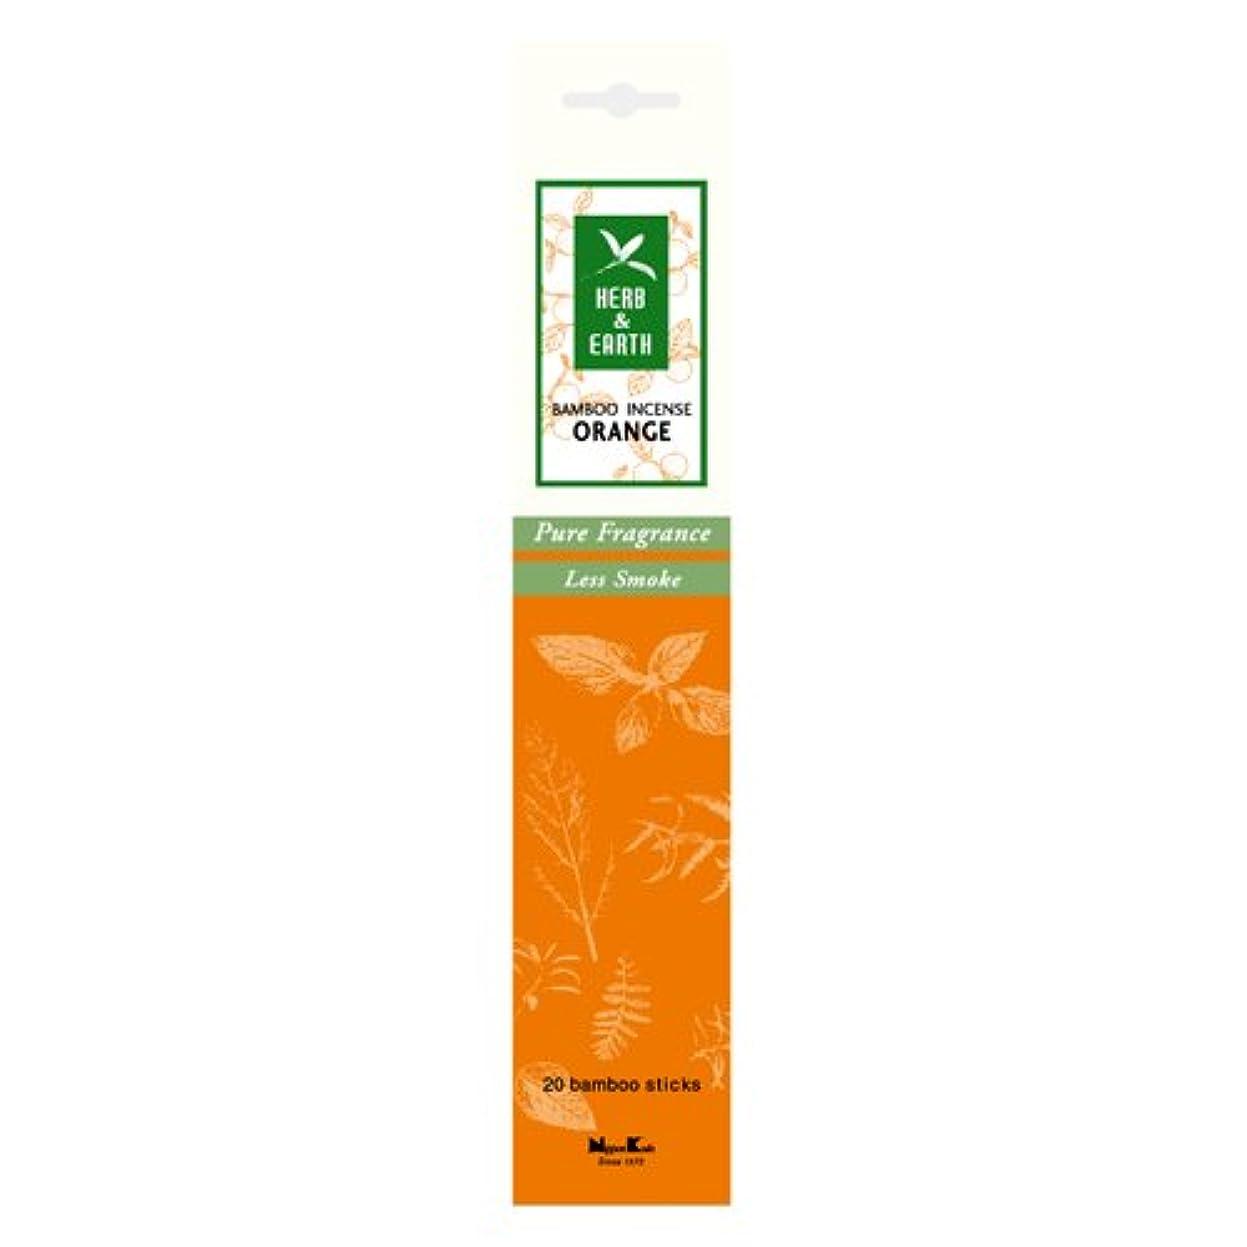 魅力的であることへのアピール層常にHERB&EARTH BambooIncense オレンジ スティック 【お香】